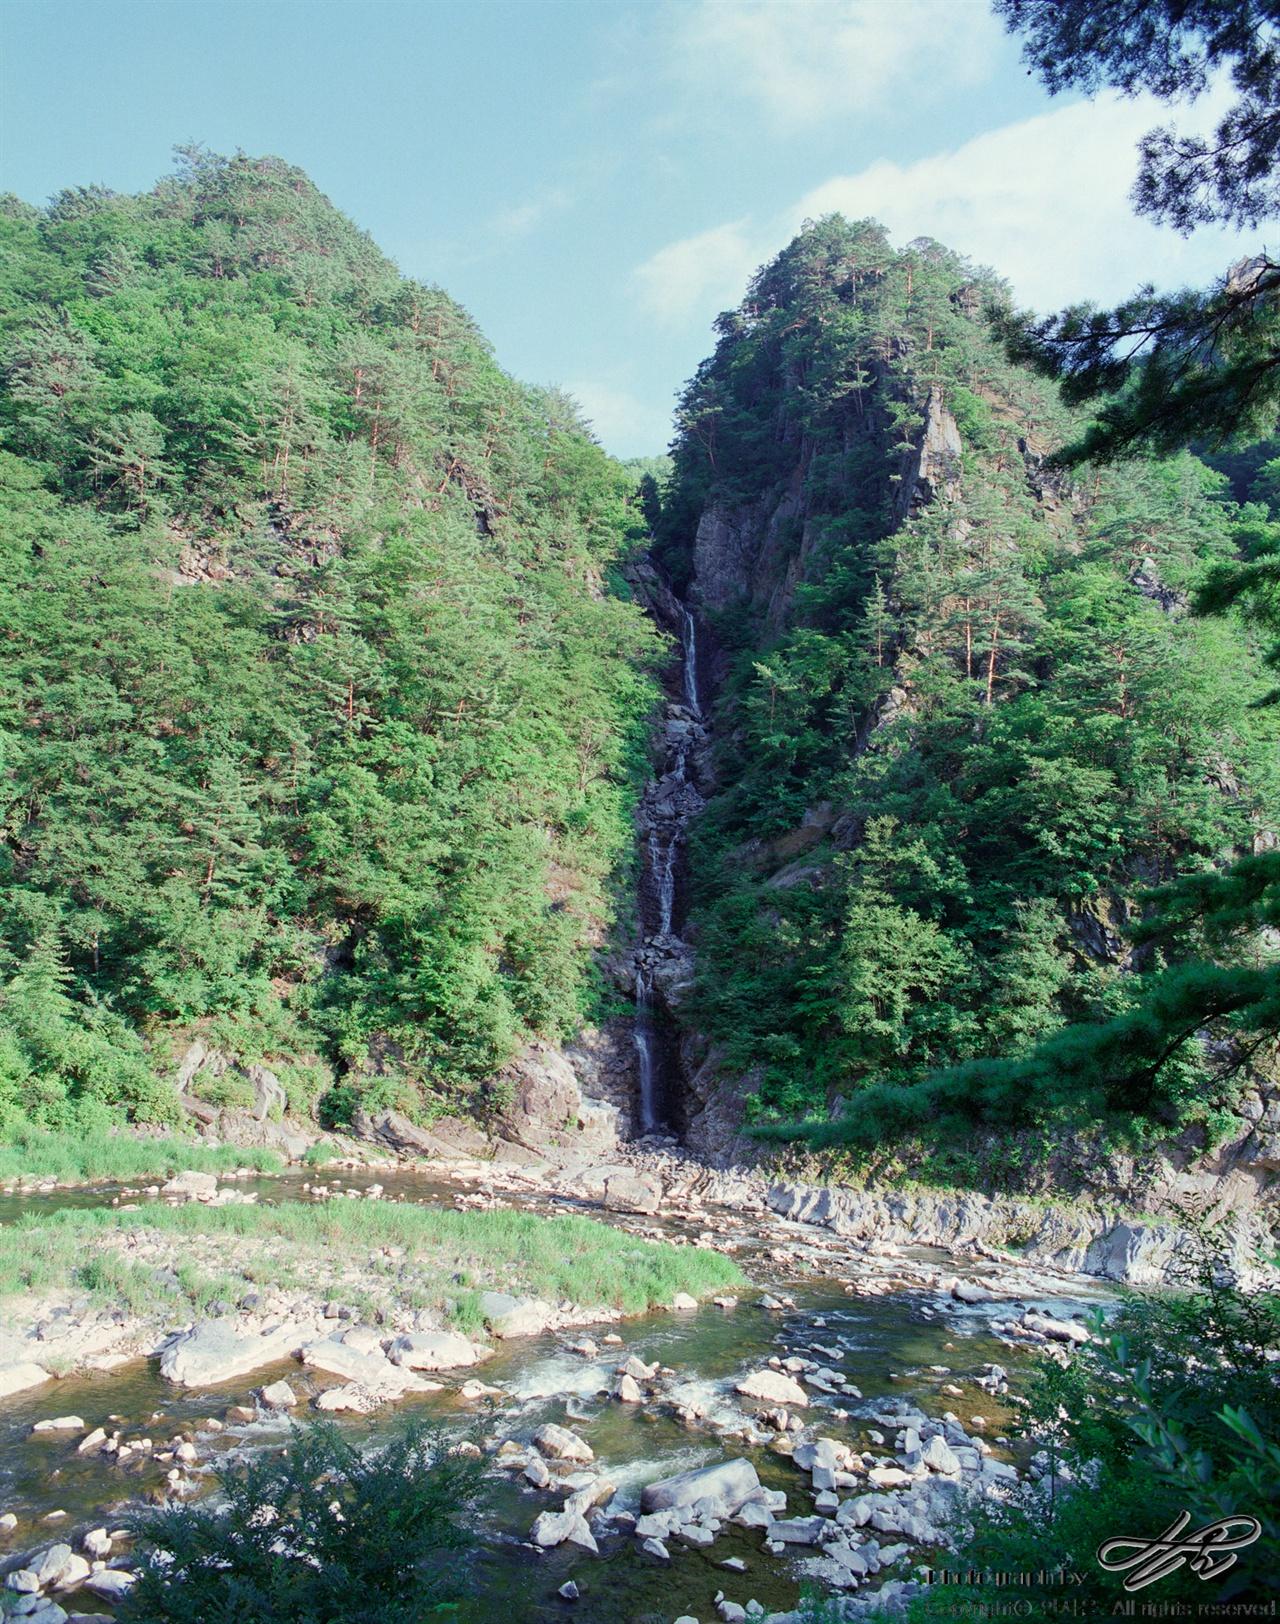 오장폭포 (Pro400H)수직으로 떨어져 송천과 곧바로 합류하는 오장폭포의 모습. 노추산에서 흘러오는 물줄기.